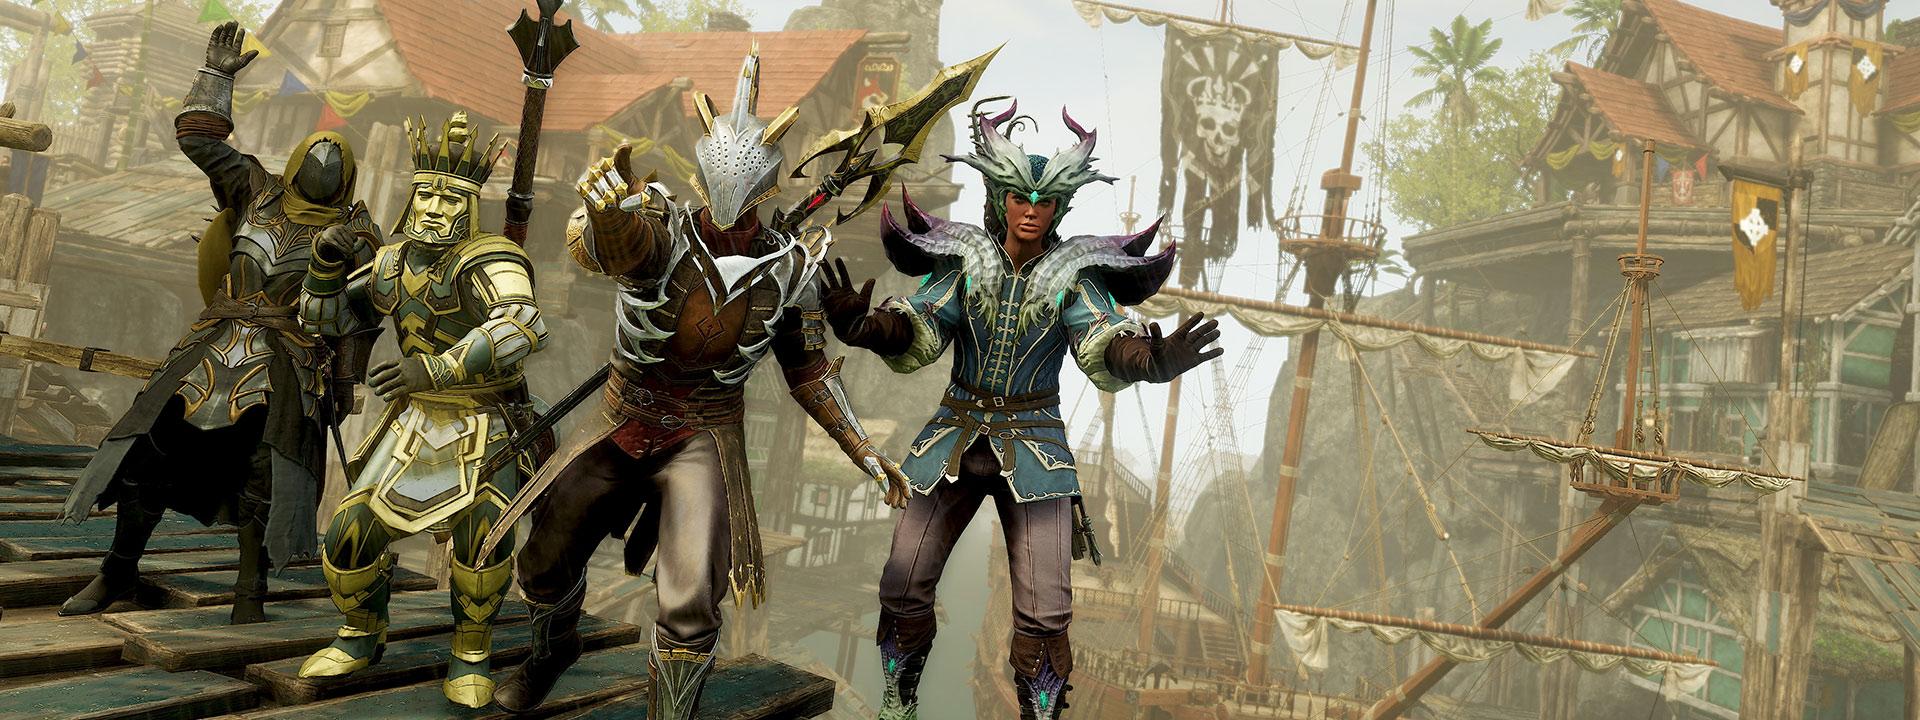 Четыре игрока, каждый в визуально отличной одежде, позируют на ярком променаде.